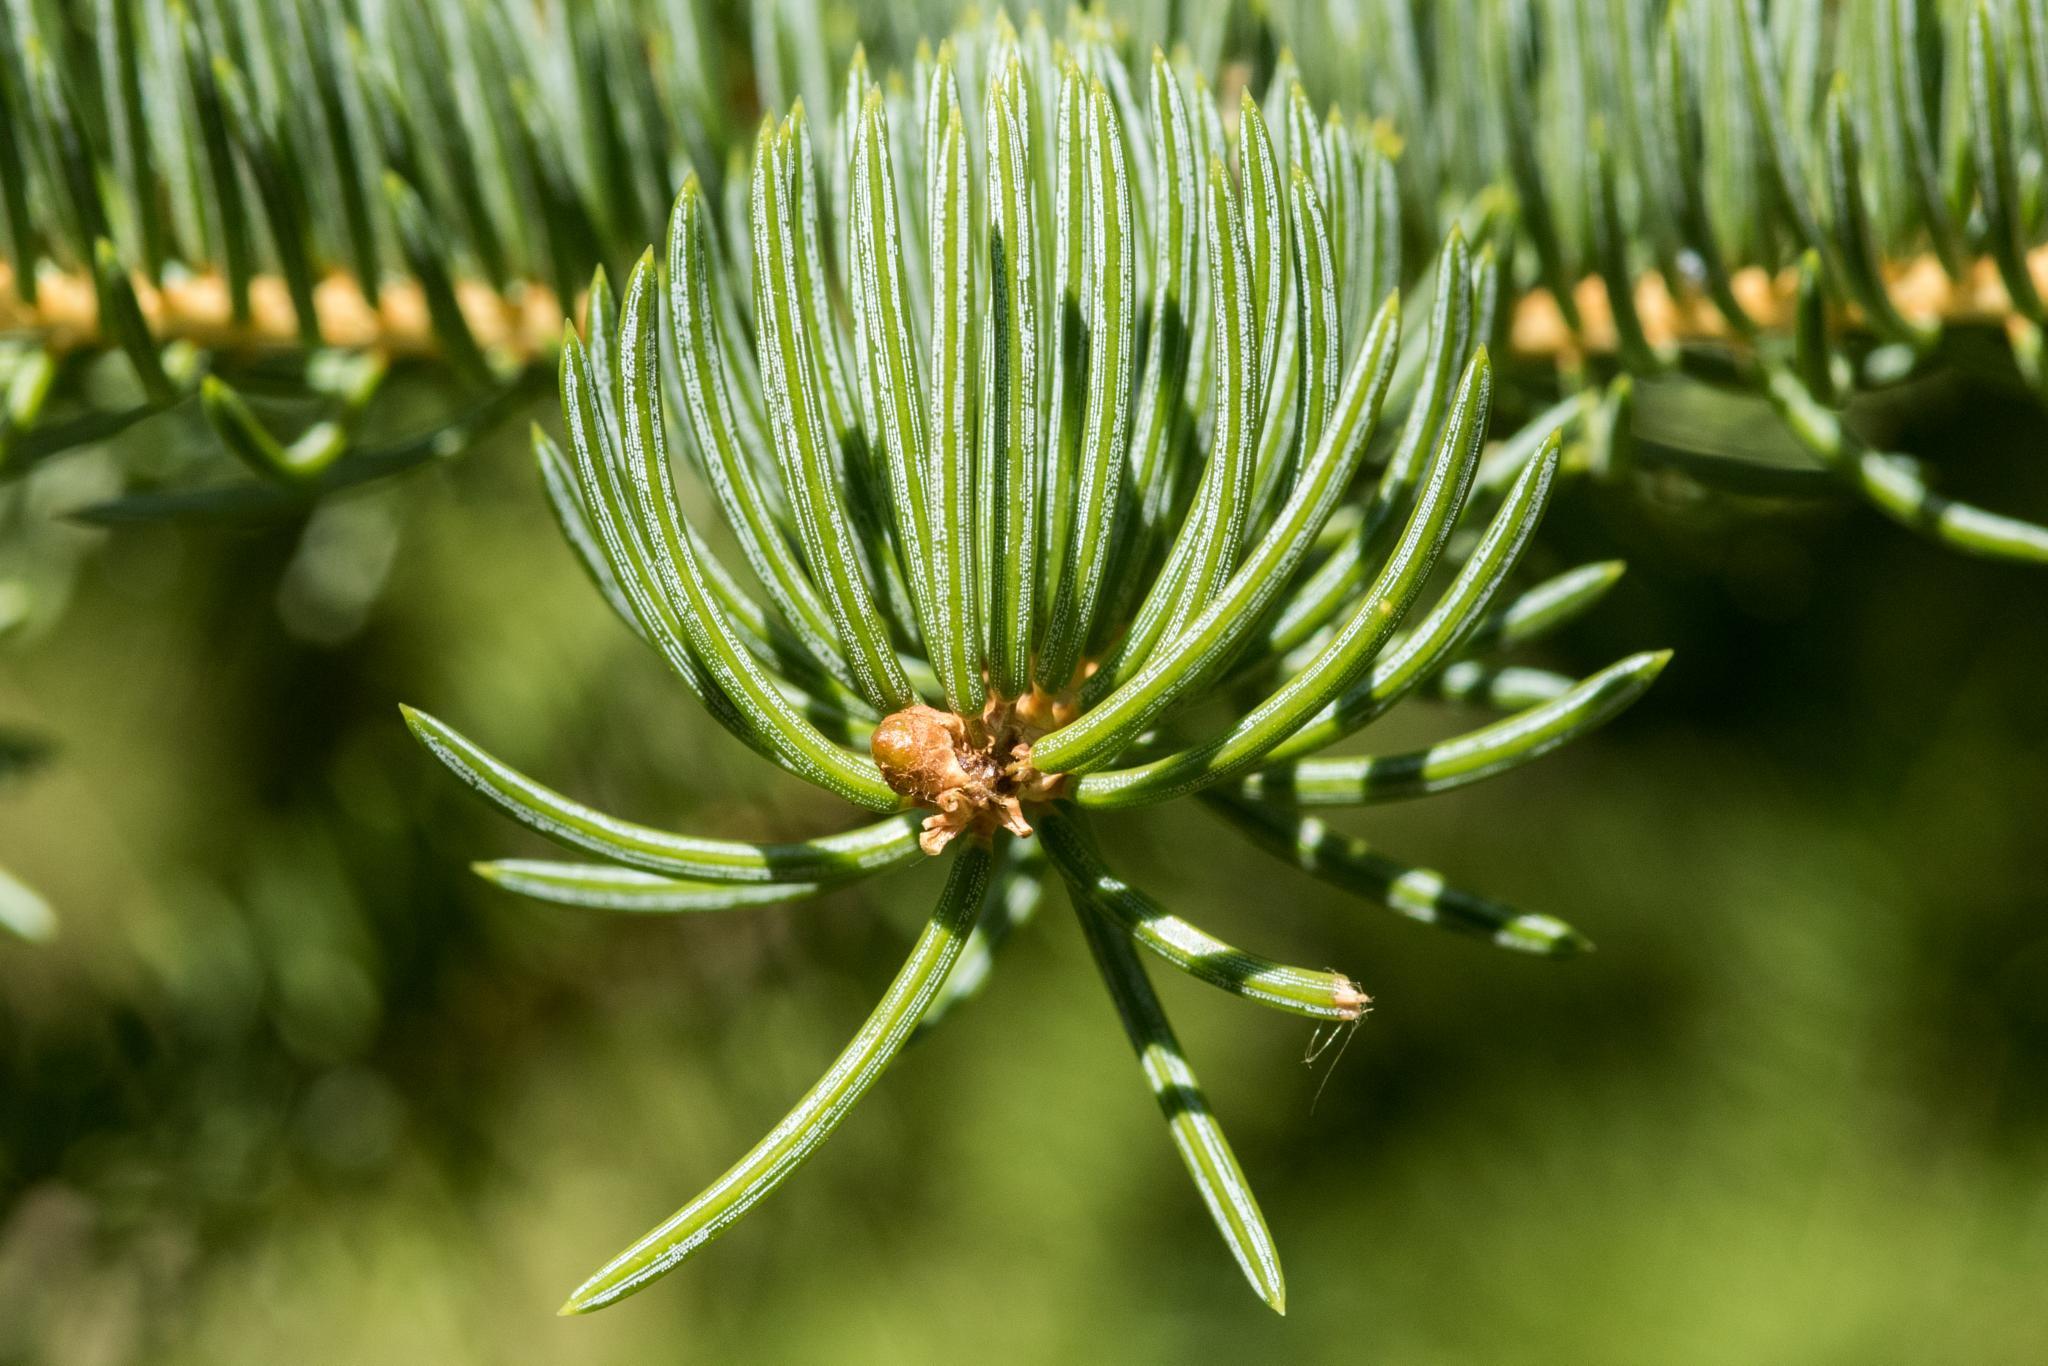 Pine by Jim Talbert